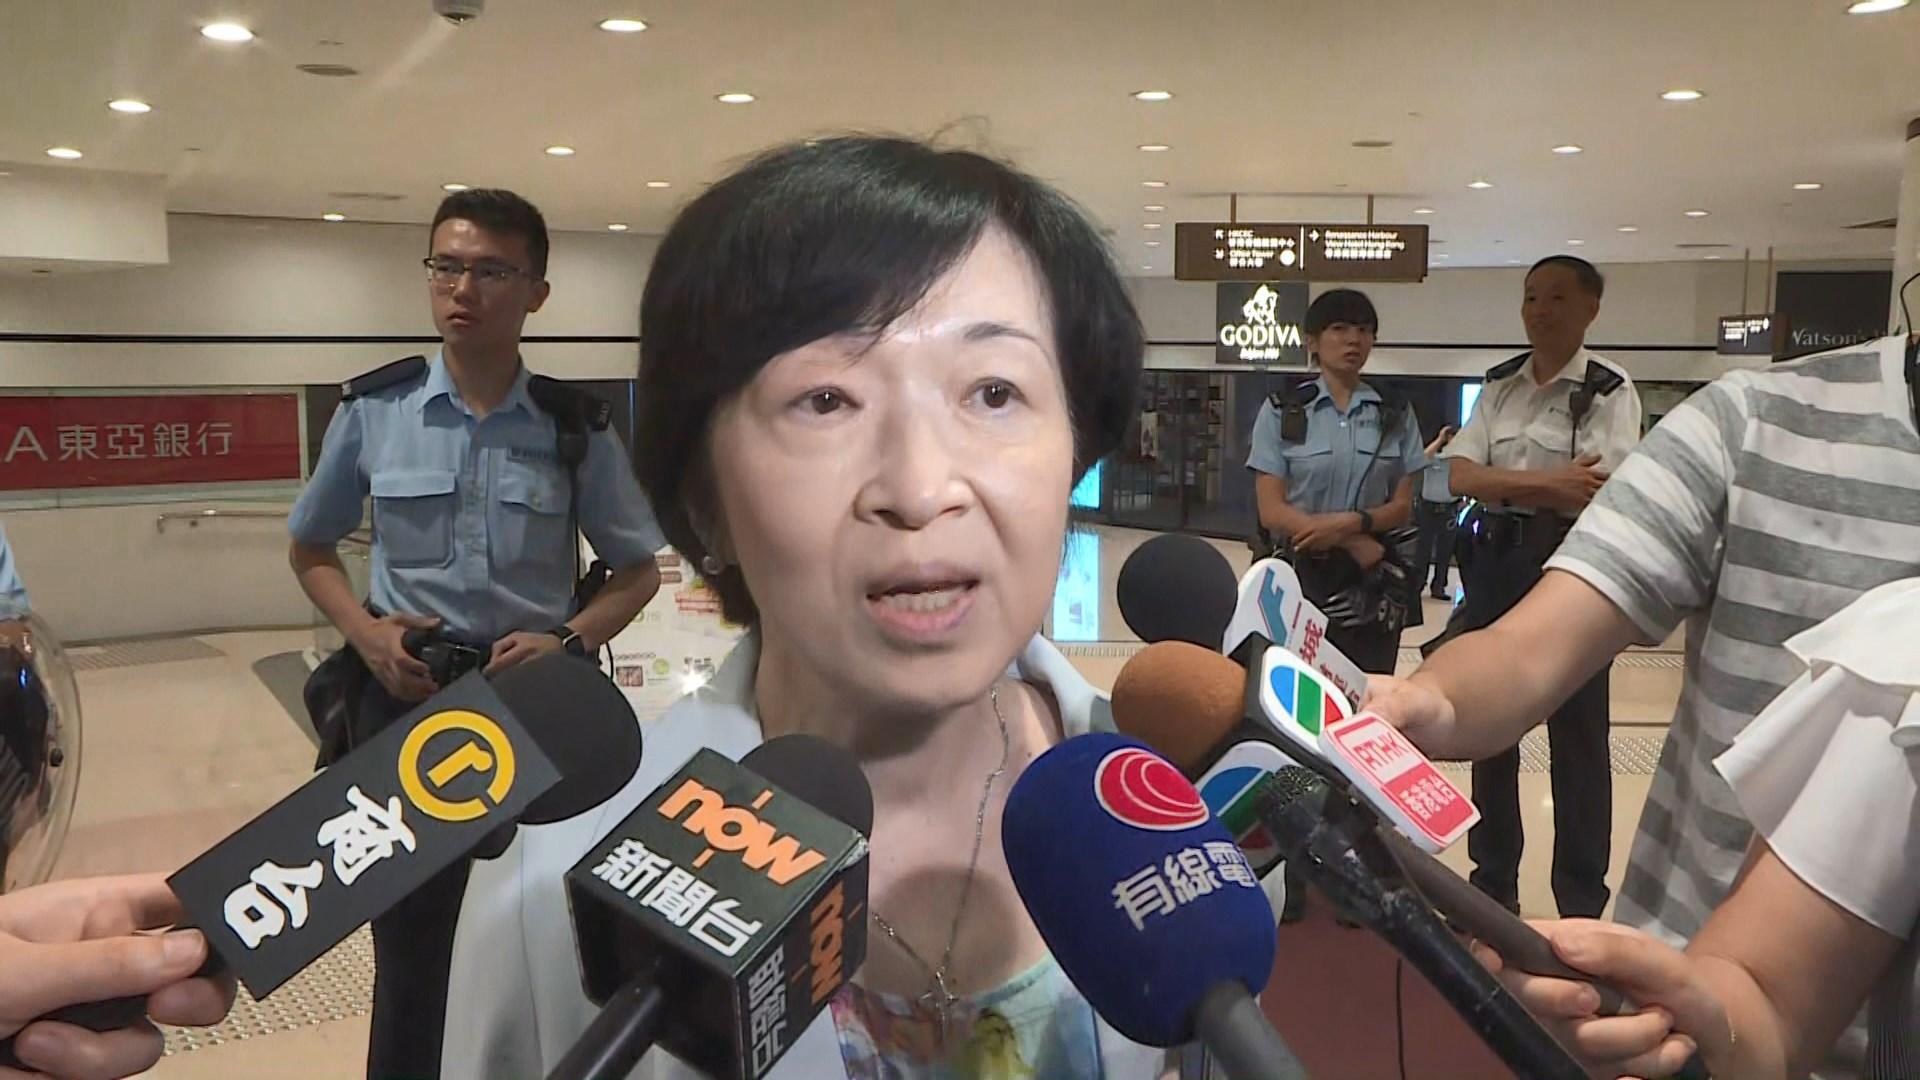 羅范椒芬冀示威者給予林鄭月娥機會